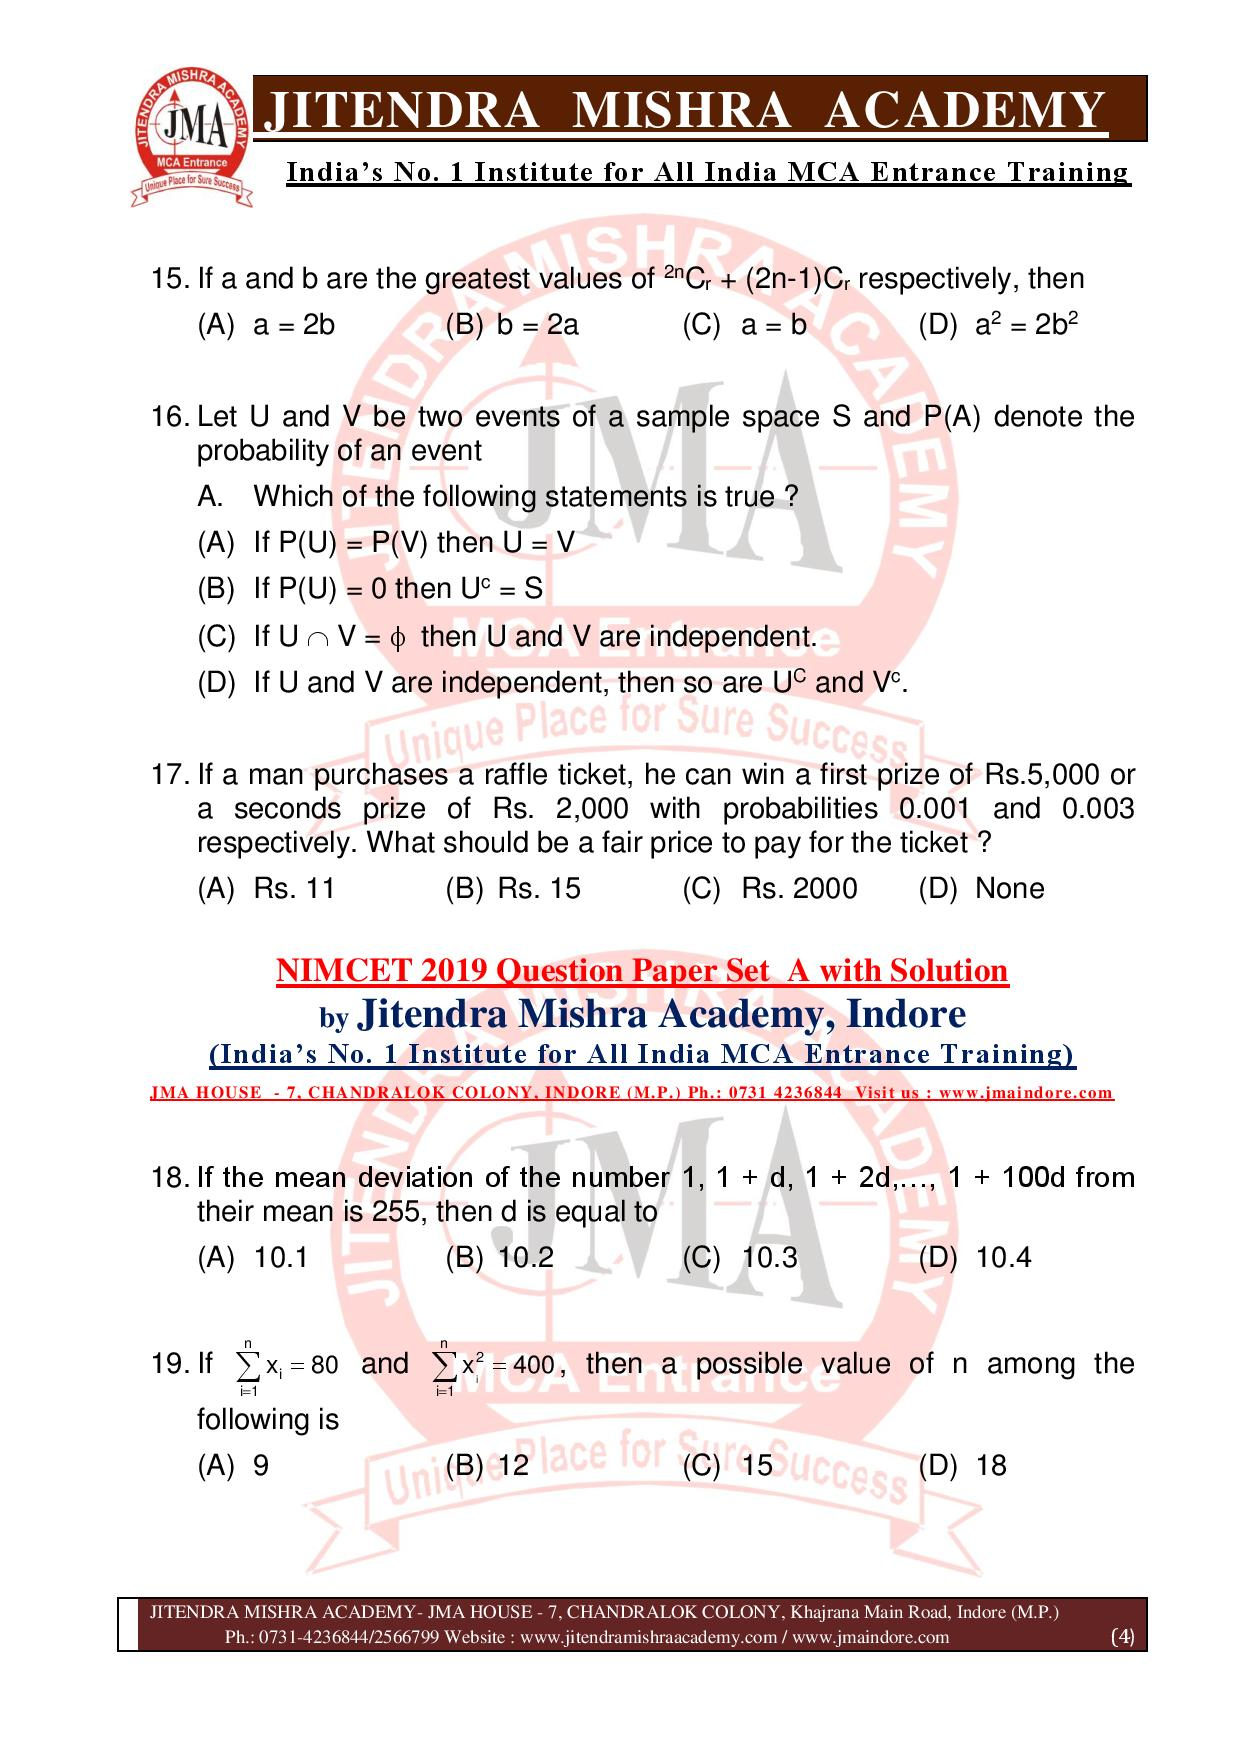 NIMCET 2019 QUESTION PAPER (SET - A) final-page-004